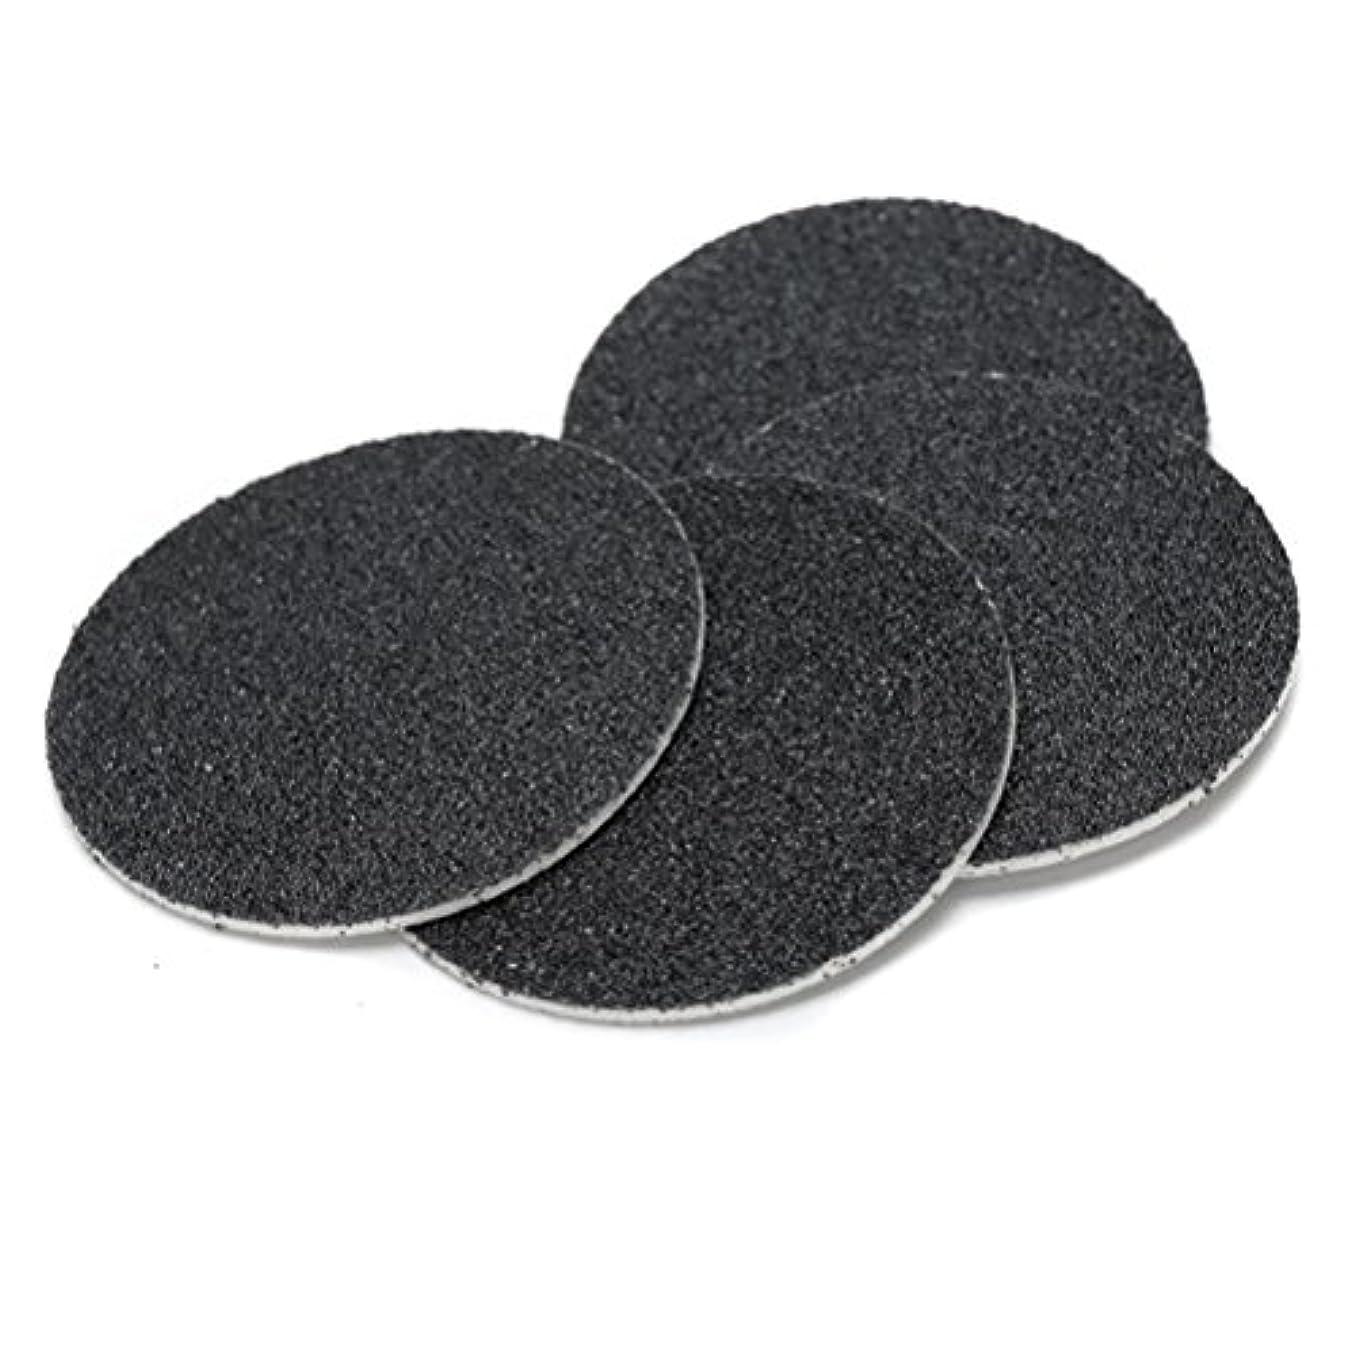 シール強います振動させるJoint Victory Pedicure Tools 1 Box (60pcs) Replacement Sandpaper Discs Pad for Electric Foot File Callus Remover...